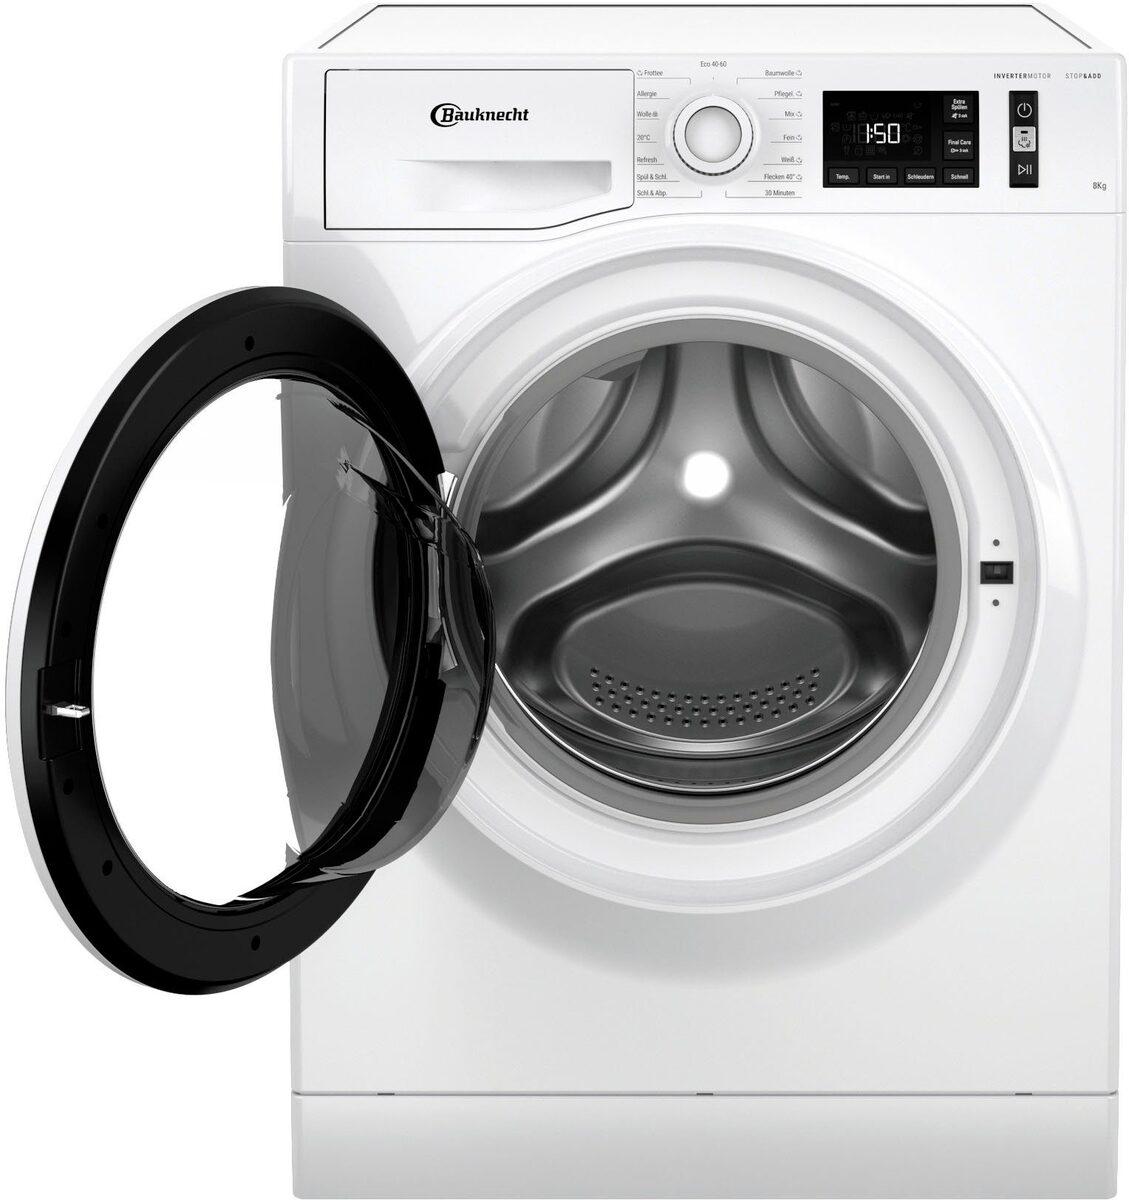 Bild 4 von BAUKNECHT Waschmaschine W Active 811 C, 8 kg, 1400 U/Min